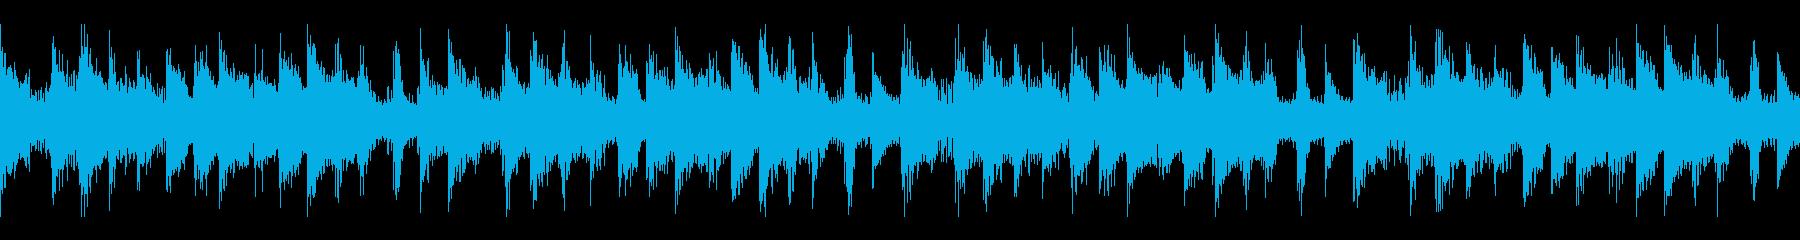 不気味な雰囲気のループ仕様 BGMの再生済みの波形